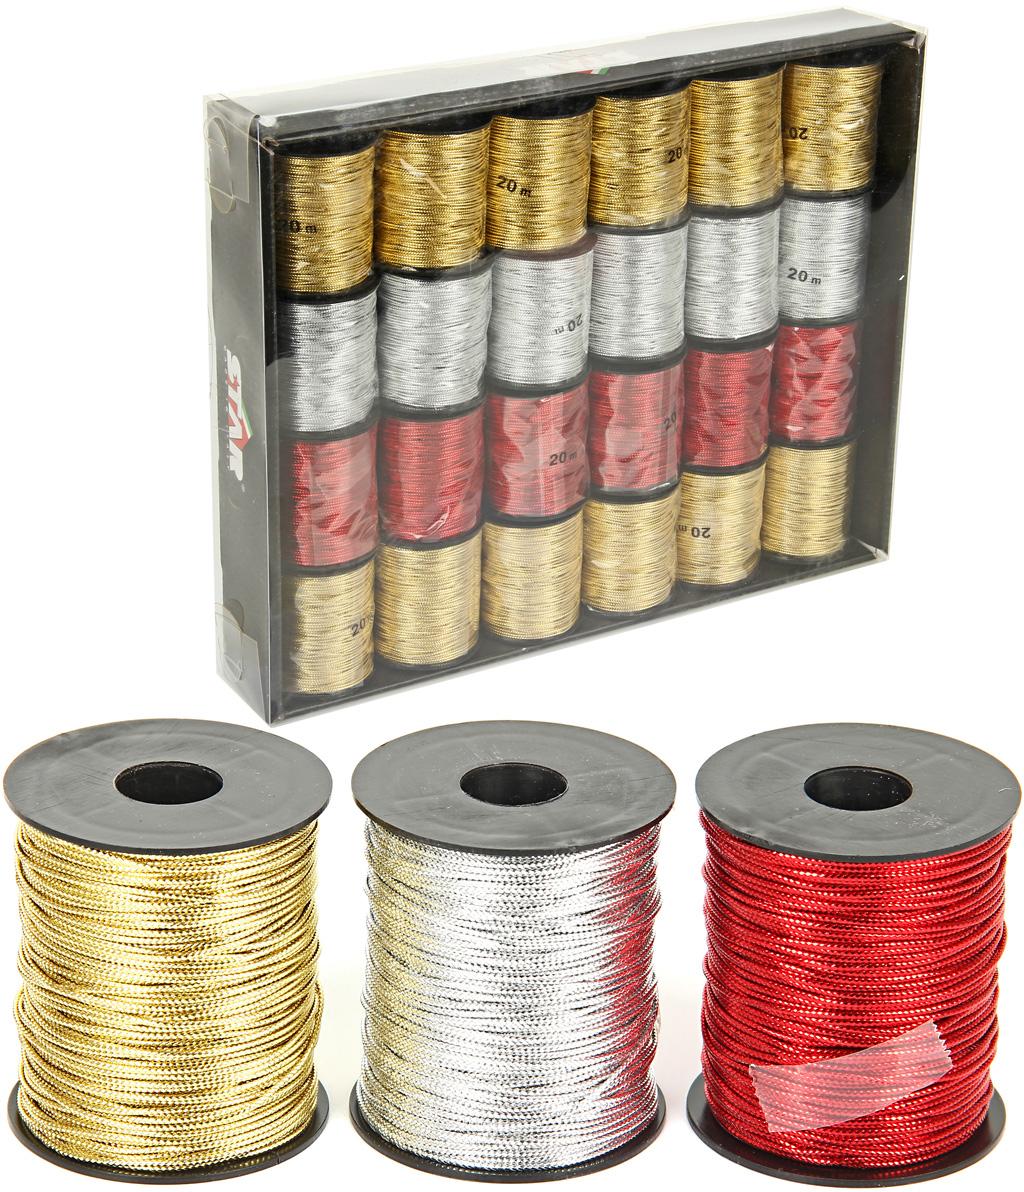 Шнур декоративный  Veld-Co , цвет: мультиколор, 1 мм х 20 м, 24 шт -  Подарочная упаковка